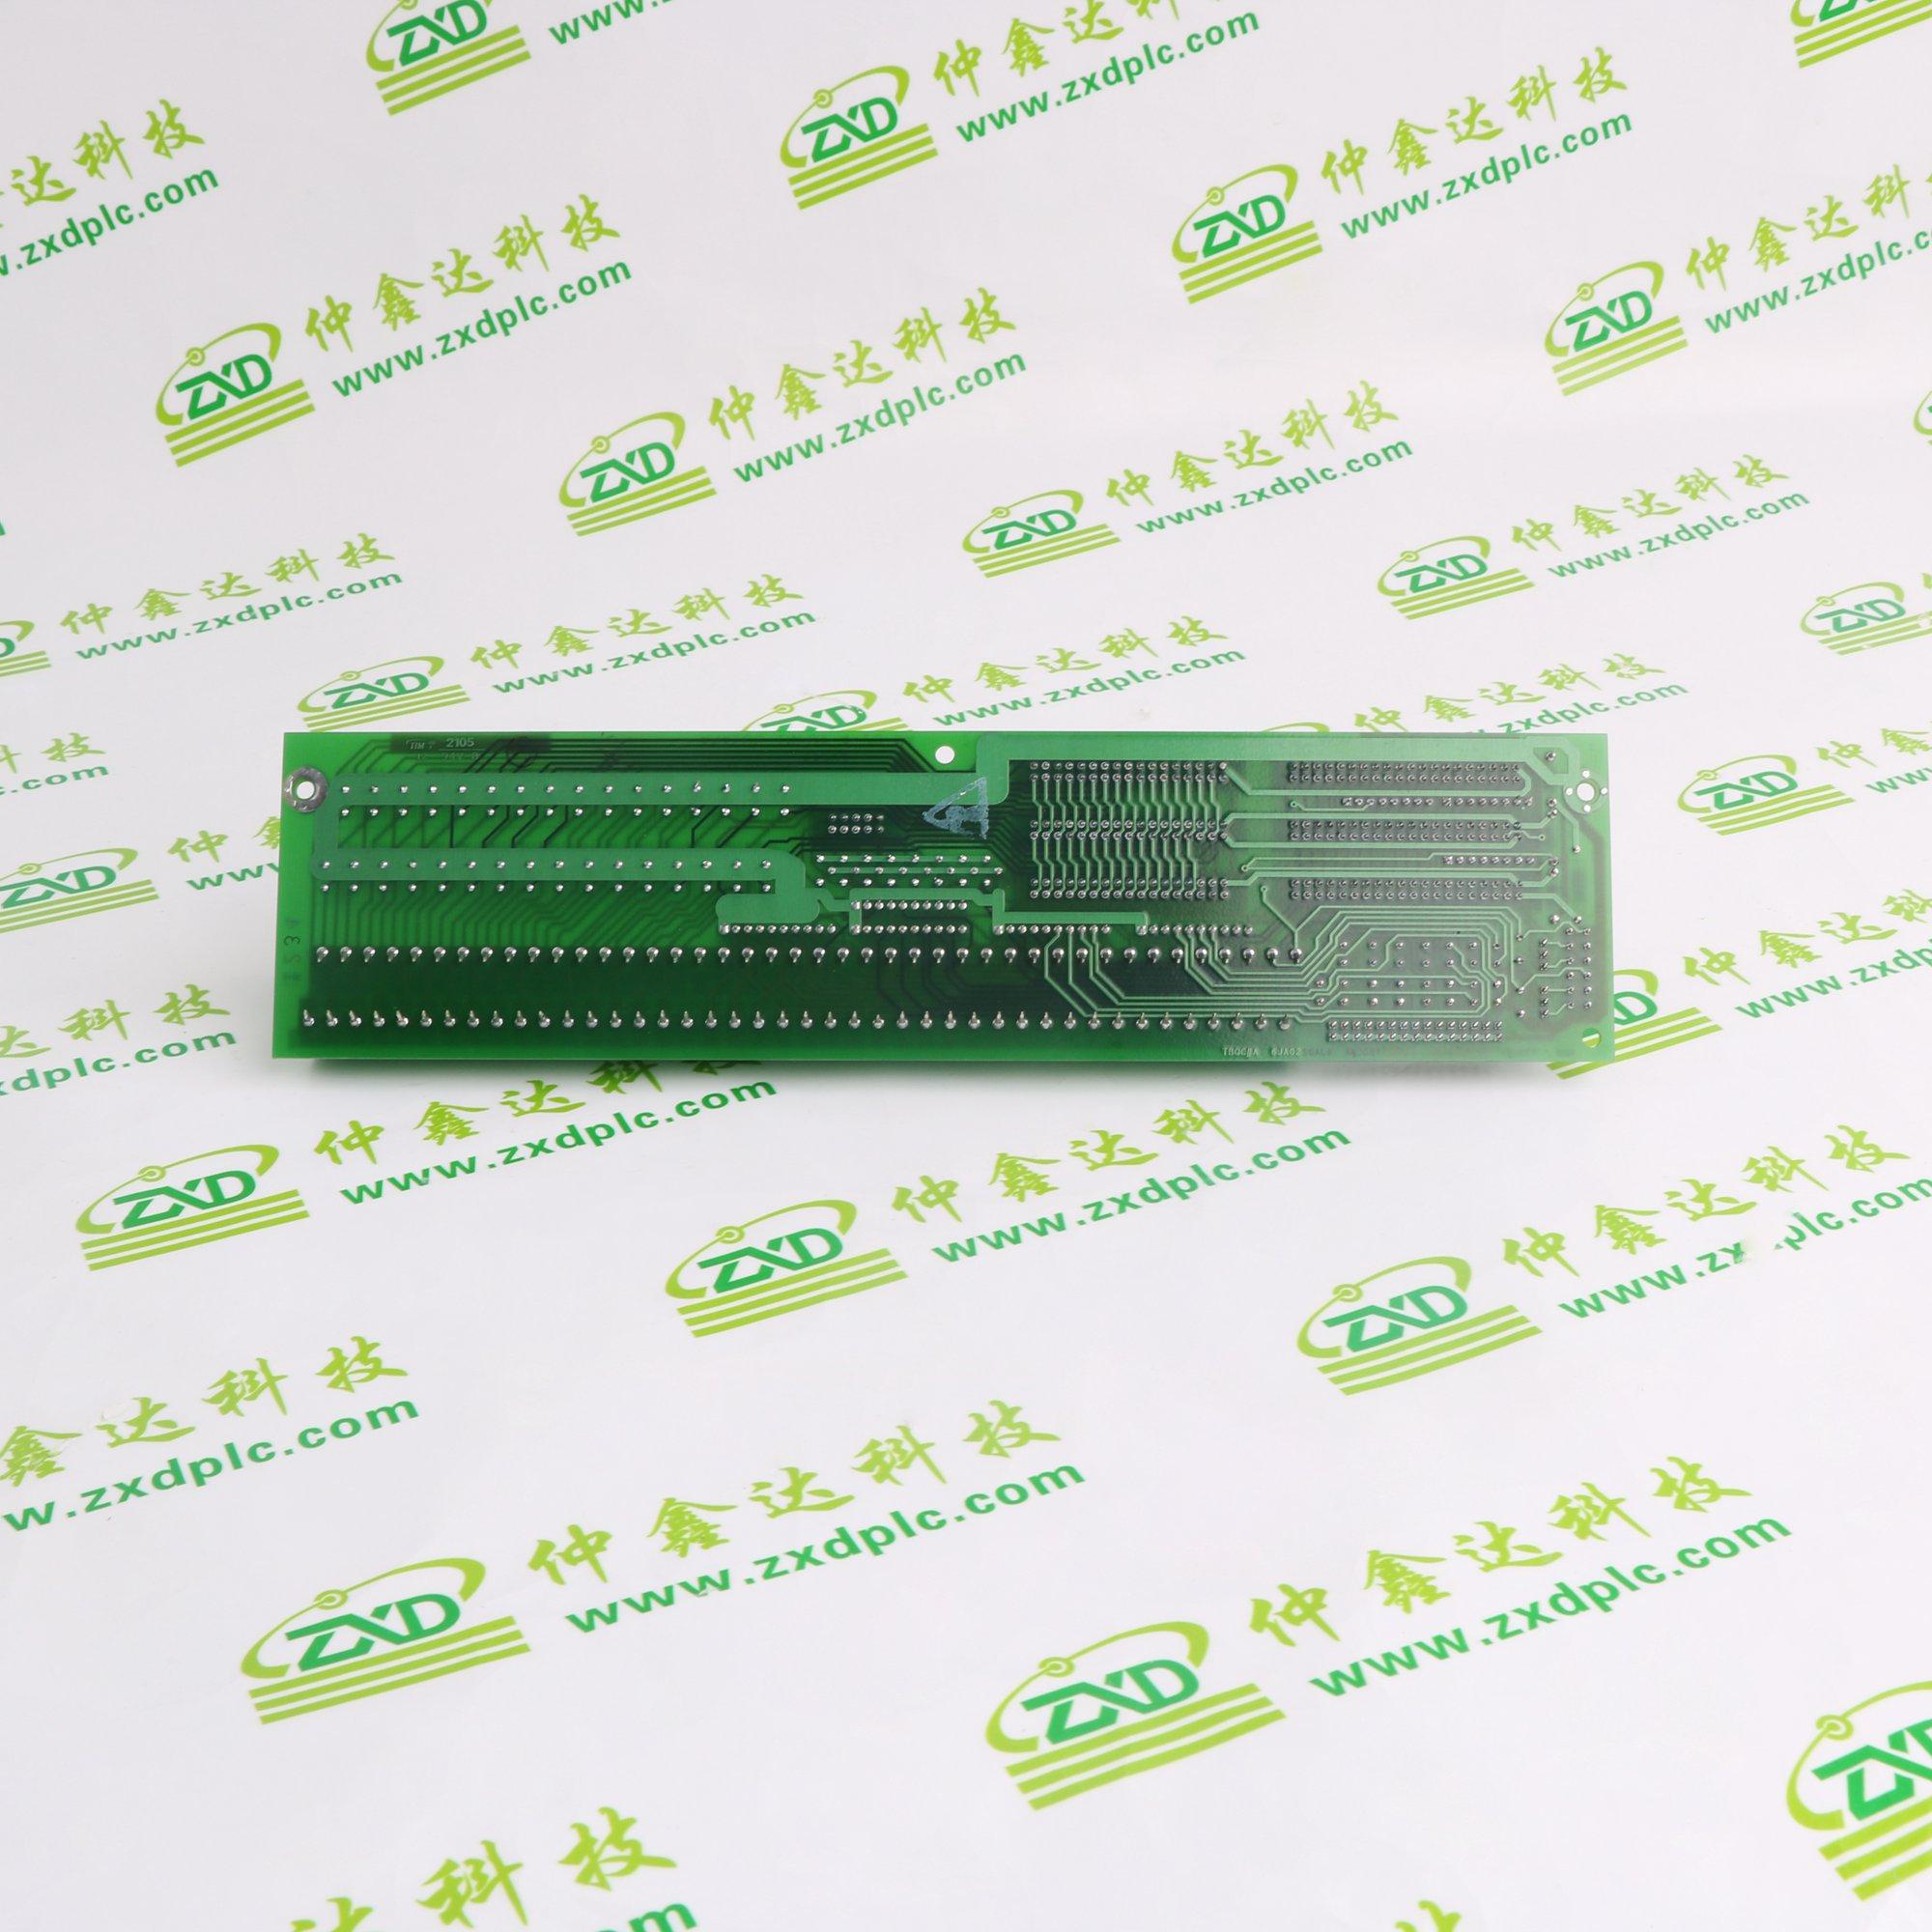 ICS Triplex T3470A